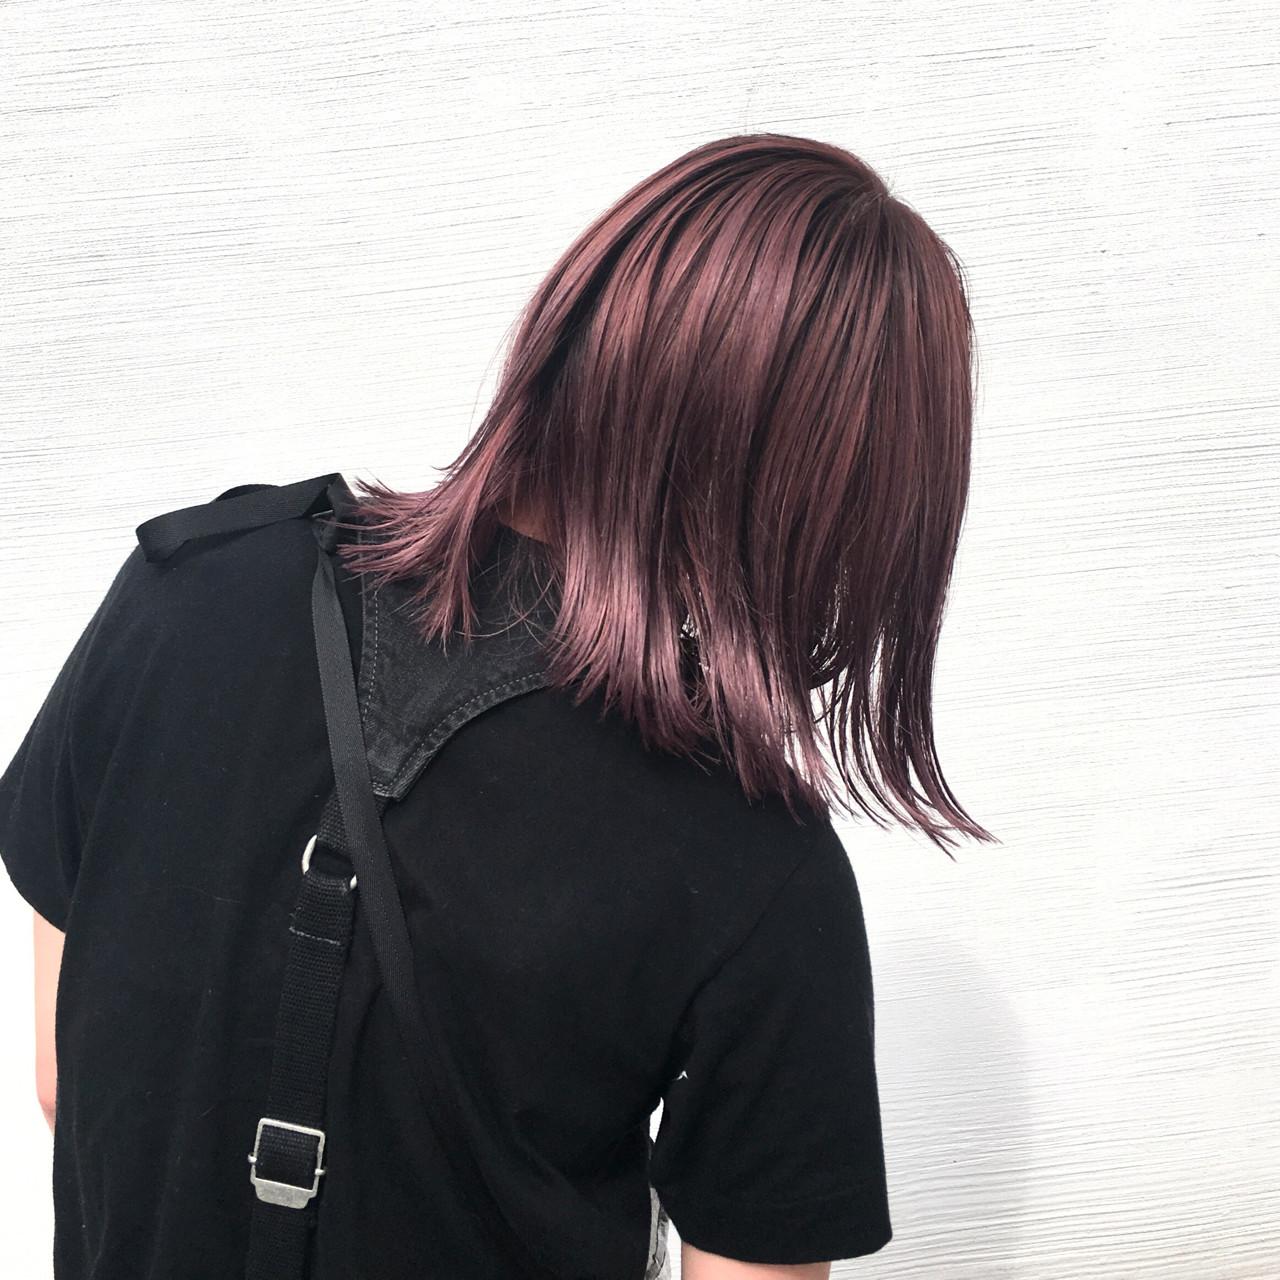 ブリーチ ダブルカラー モード ハイトーン ヘアスタイルや髪型の写真・画像 | 井上 拓耶 / know hair studio